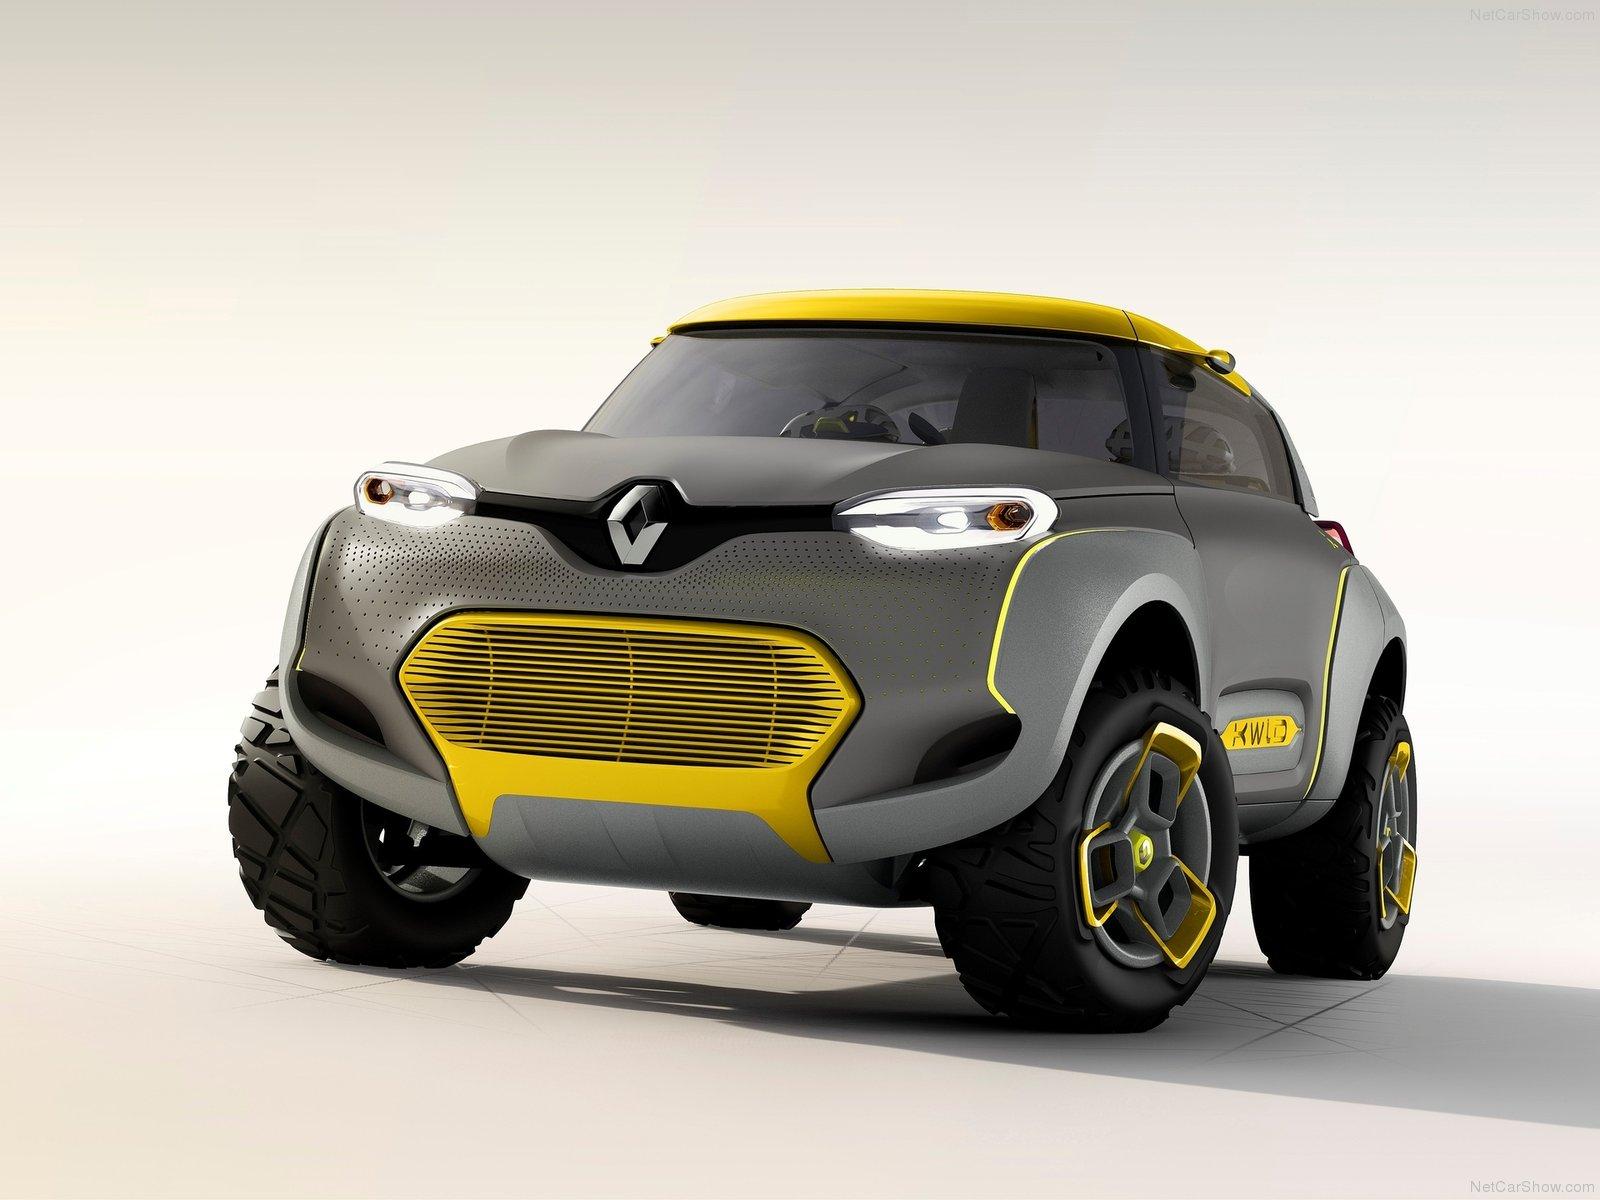 Рено выпустит новый общедоступный электромобиль